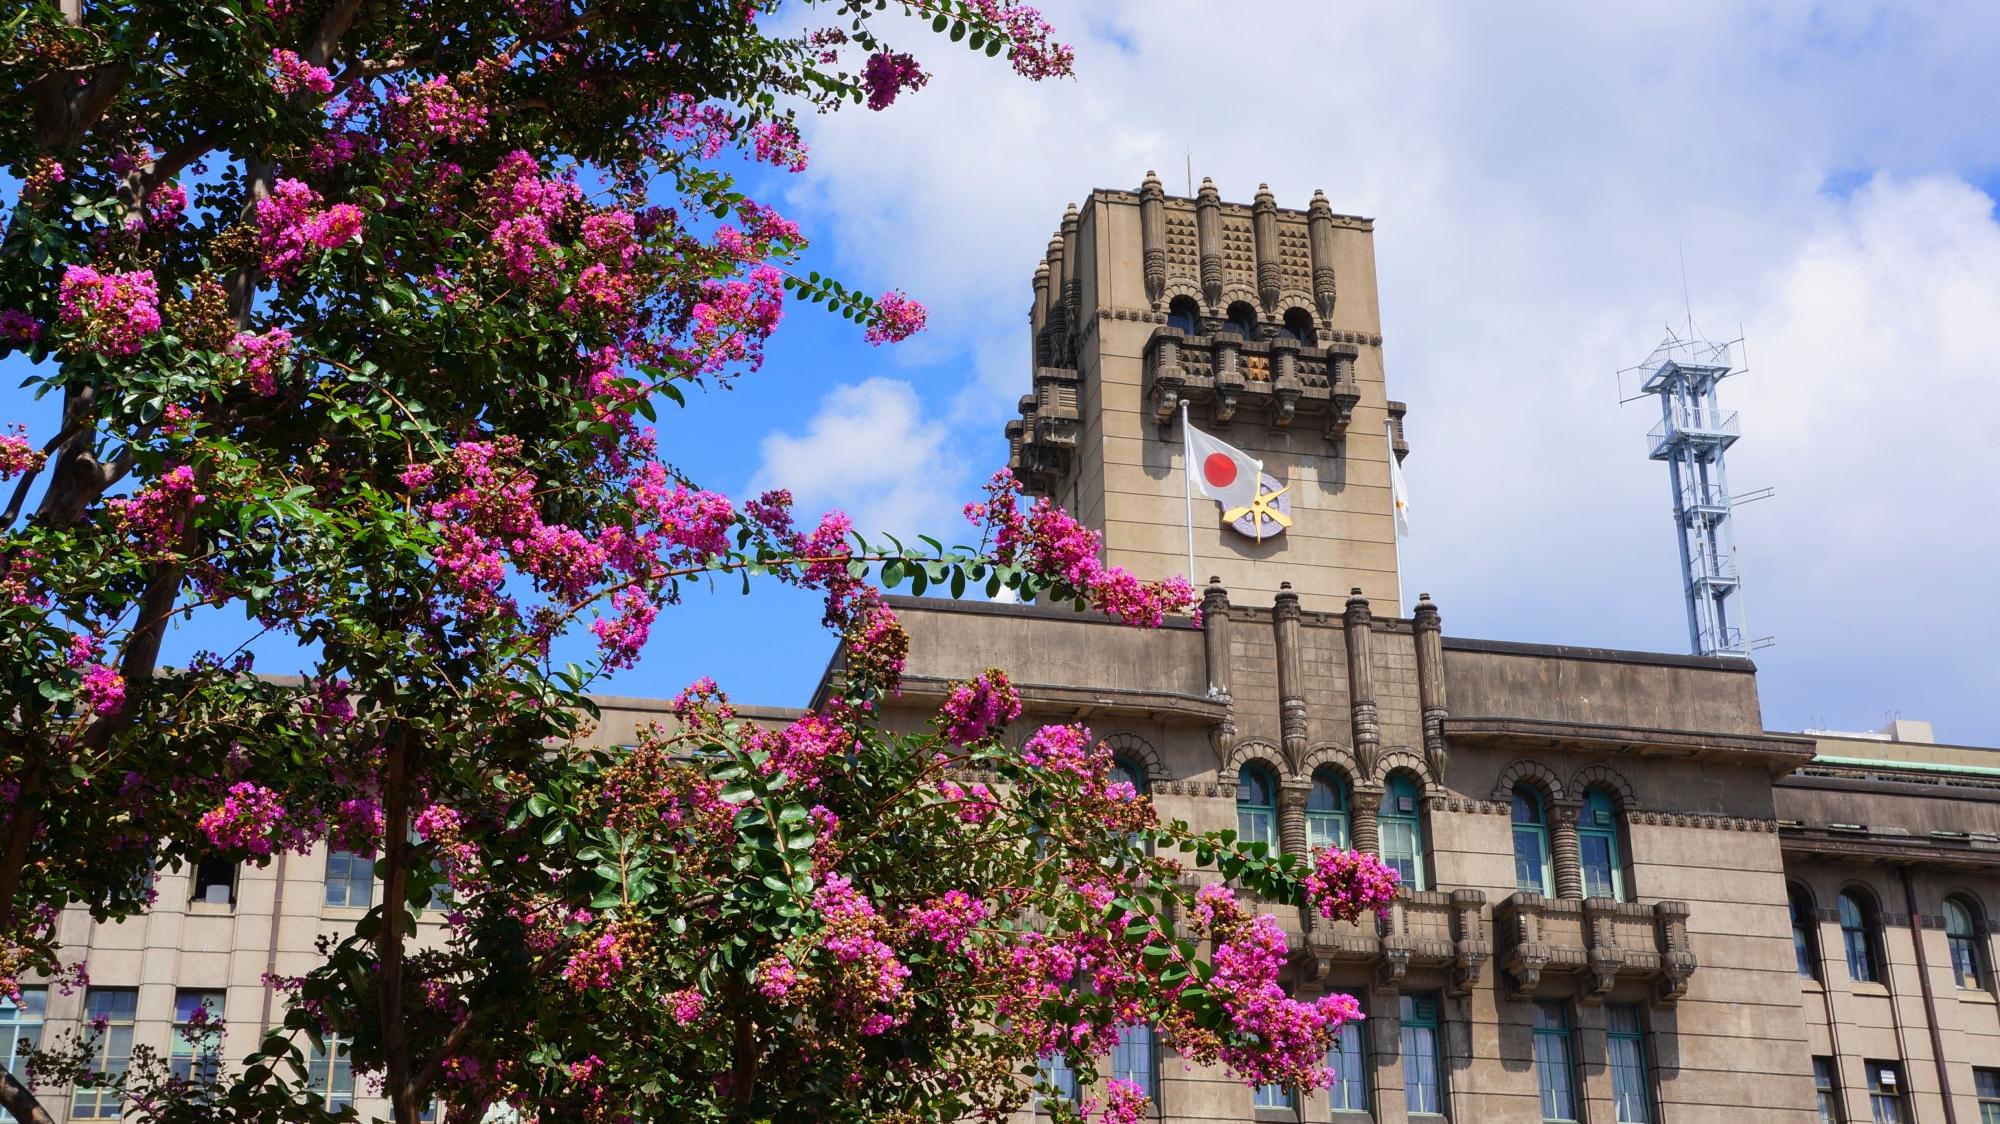 ビビッドなピンクに彩られるレトロな京都市役所